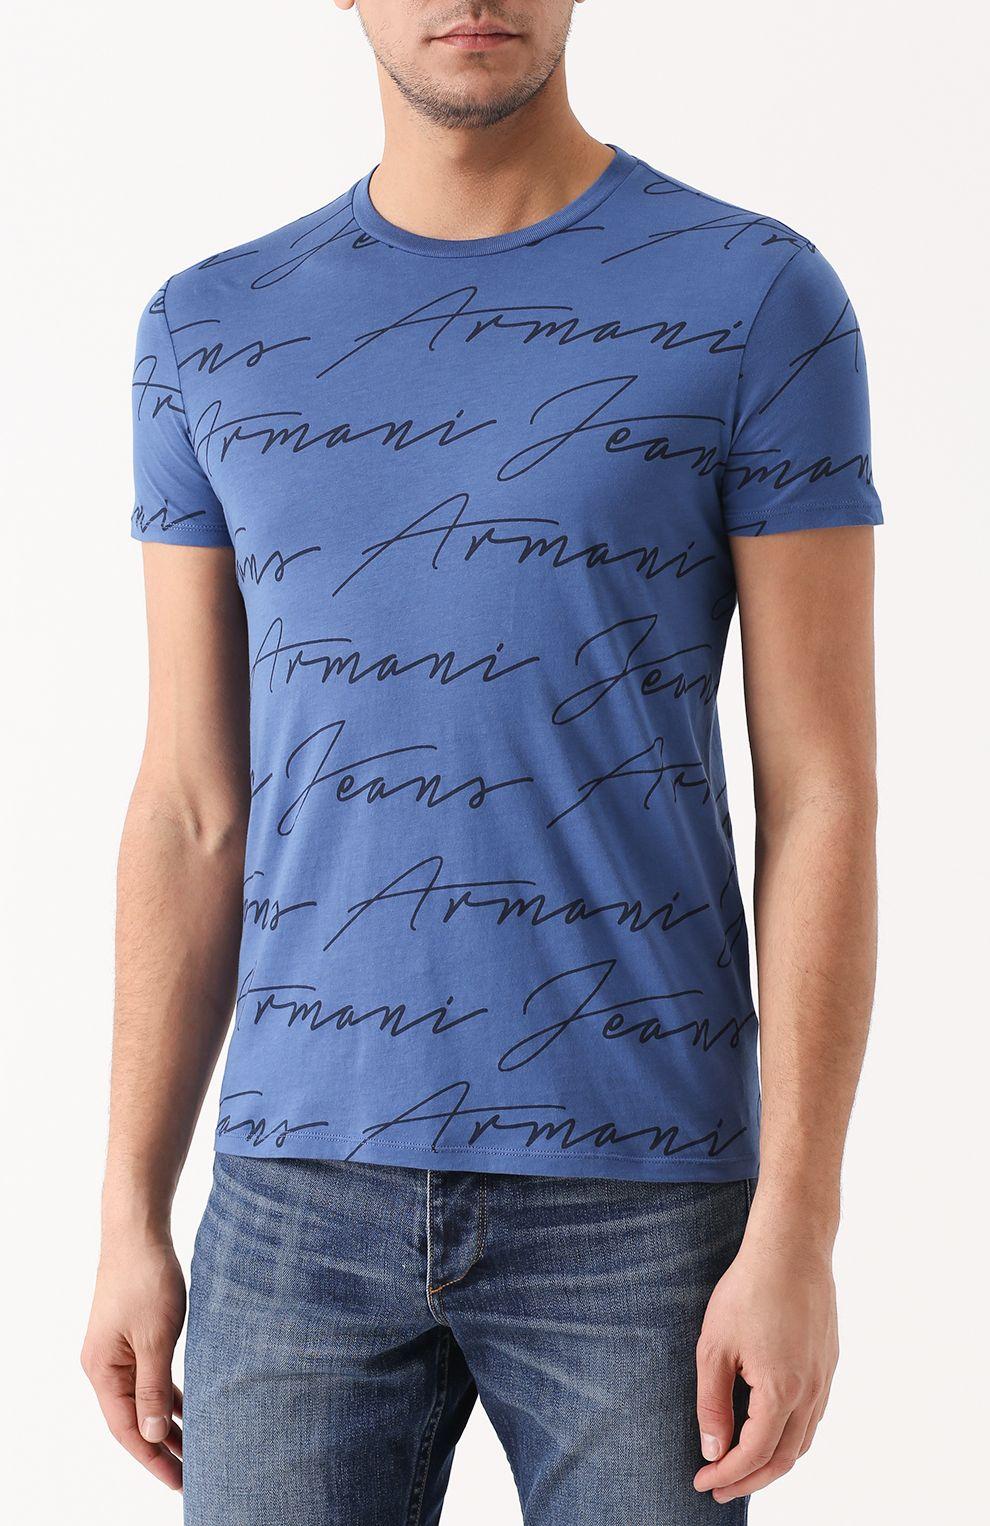 1c2c1b27af1c7 Мужская синяя хлопковая футболка с круглым вырезом Armani Jeans, сезон SS  2017, арт. 3Y6T40/6JPFZ купить в ЦУМ | Фото №3